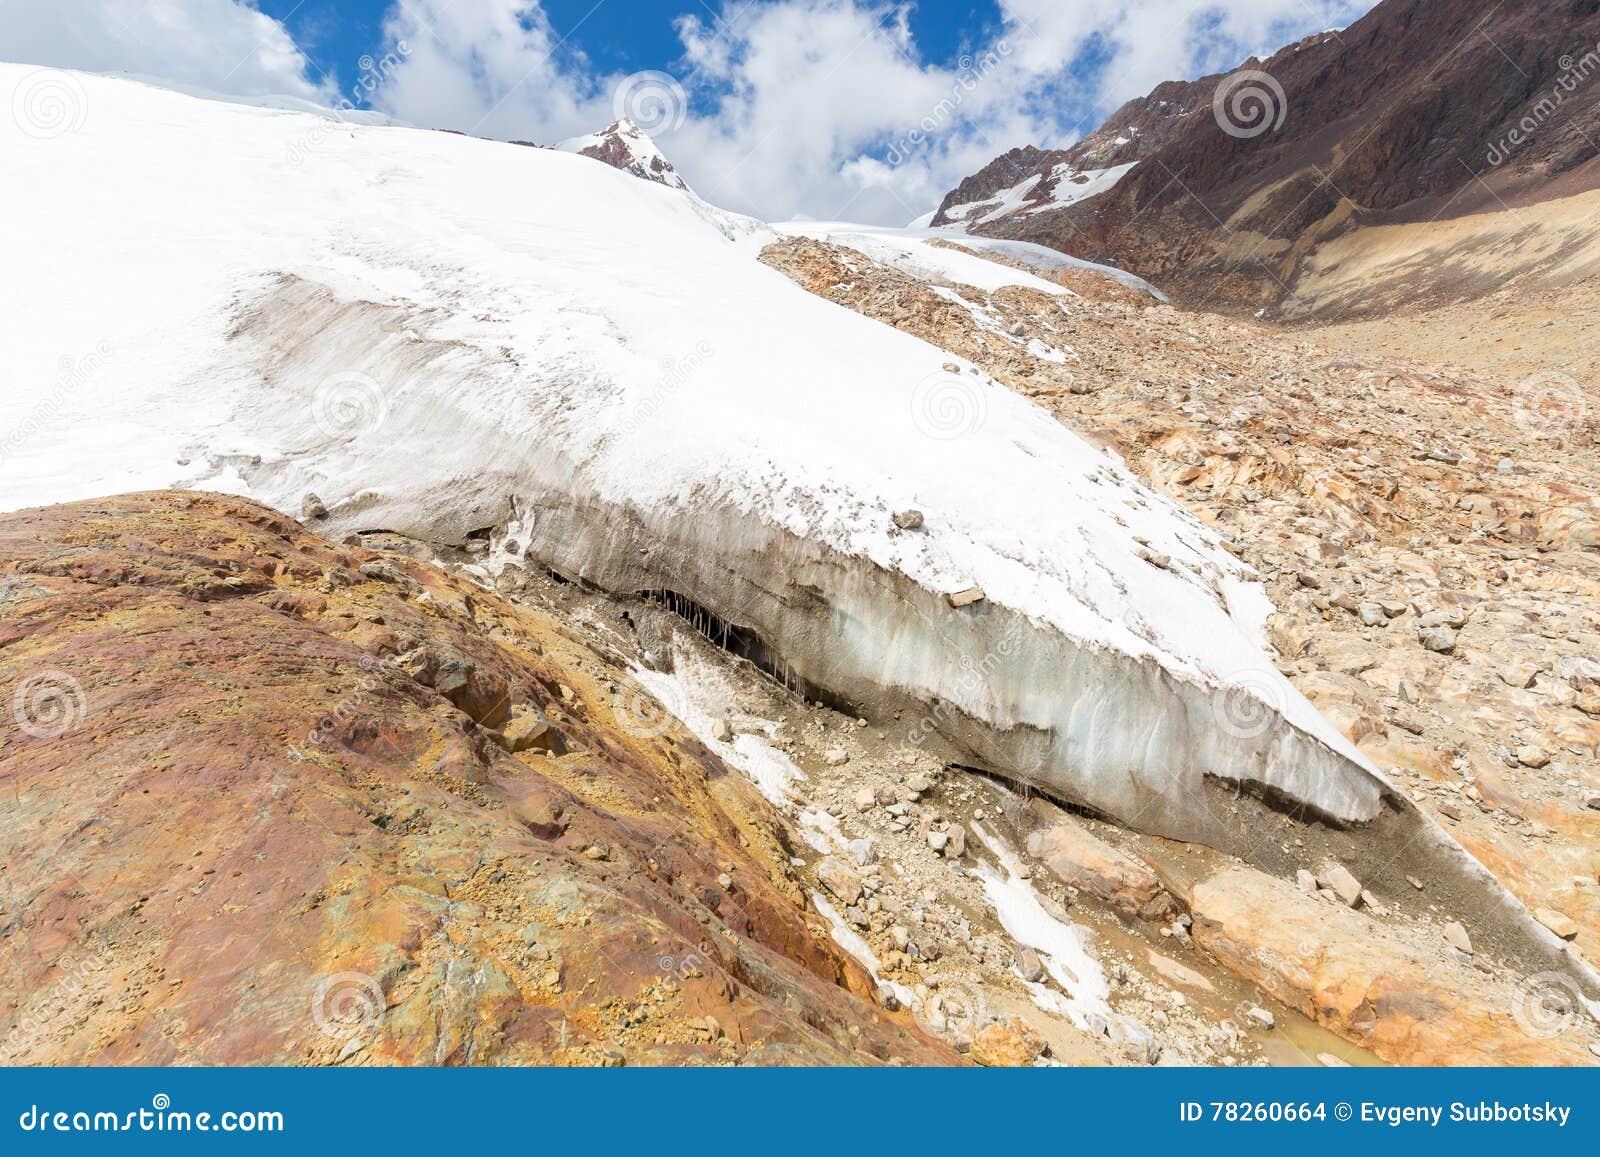 Τεράστιος παγωμένος βουνά παγετώνας που λειώνει την παγκόσμια αύξηση της θερμοκρασίας λόγω του φαινομένου του θερμοκηπίου, τοπίο